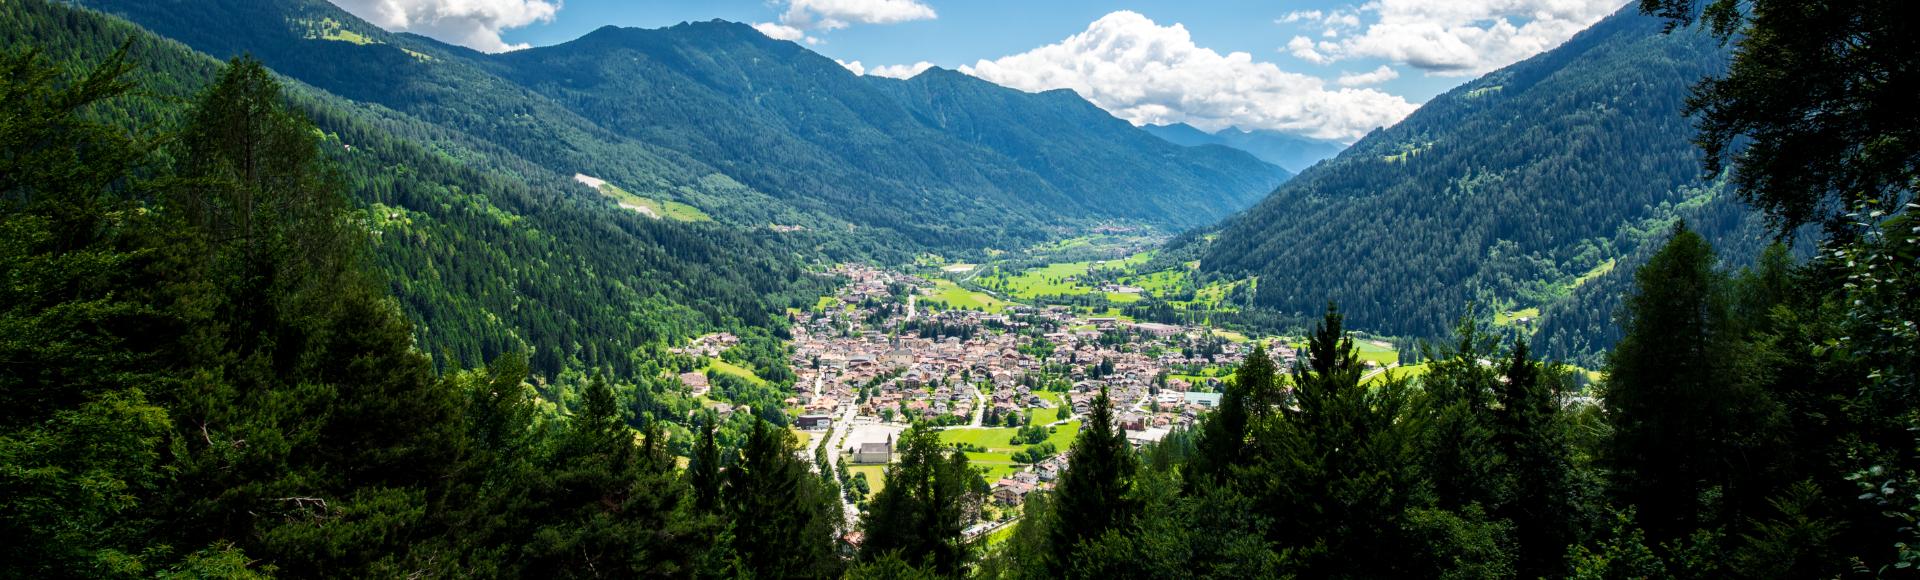 benvenuti al residence Alpen!